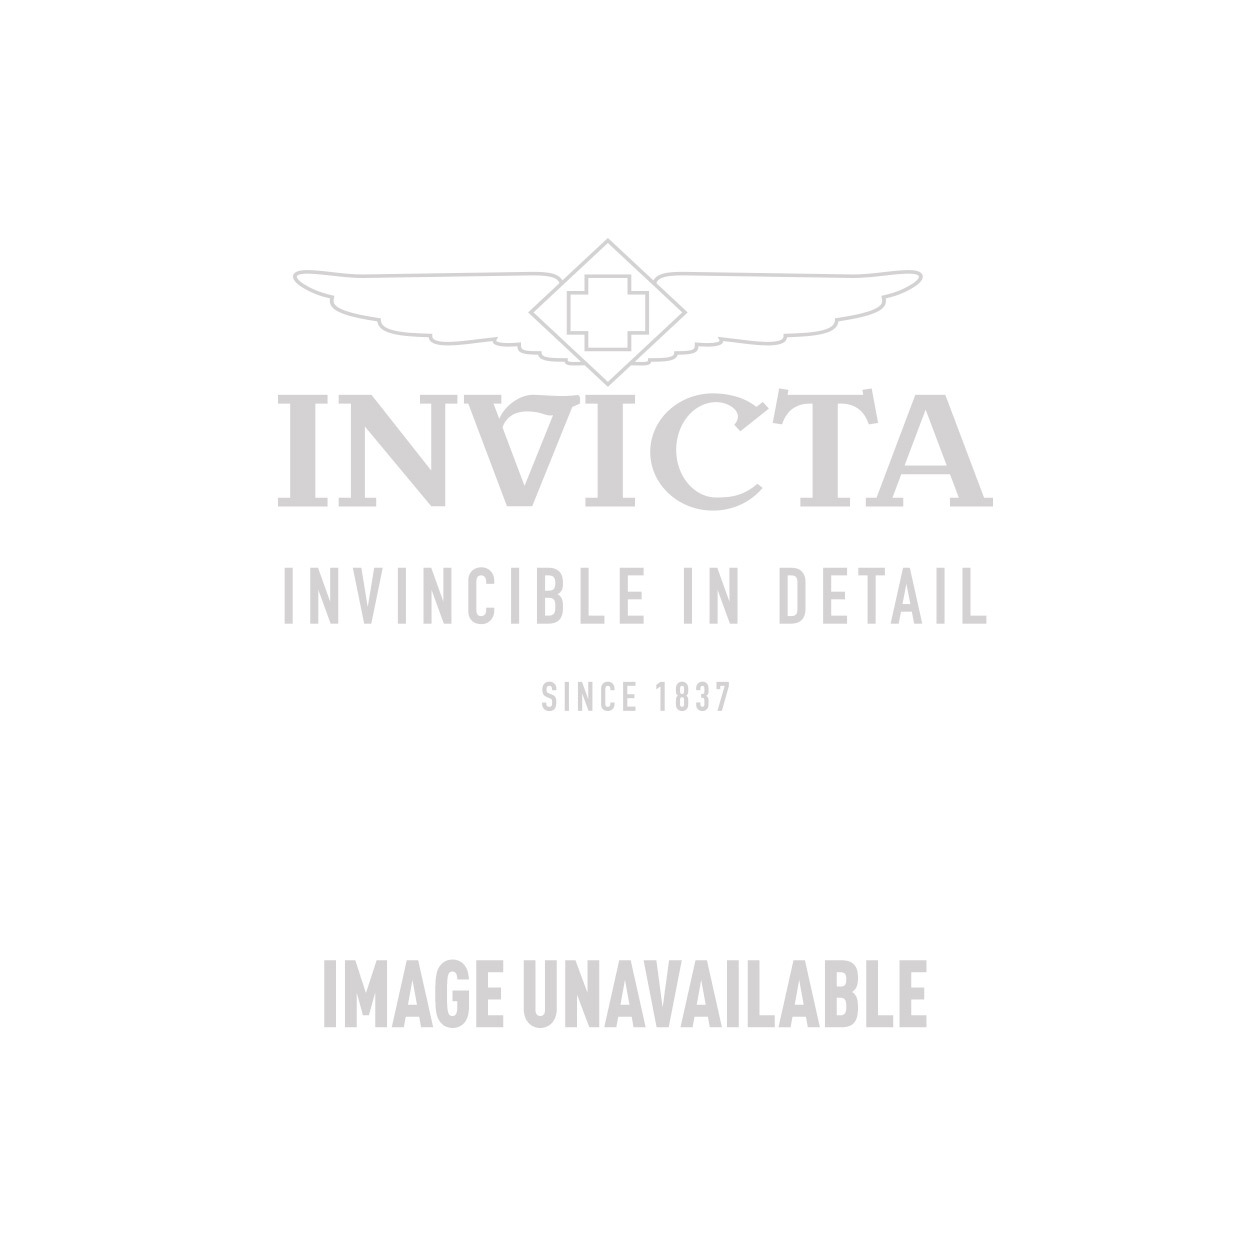 Invicta Model 25575